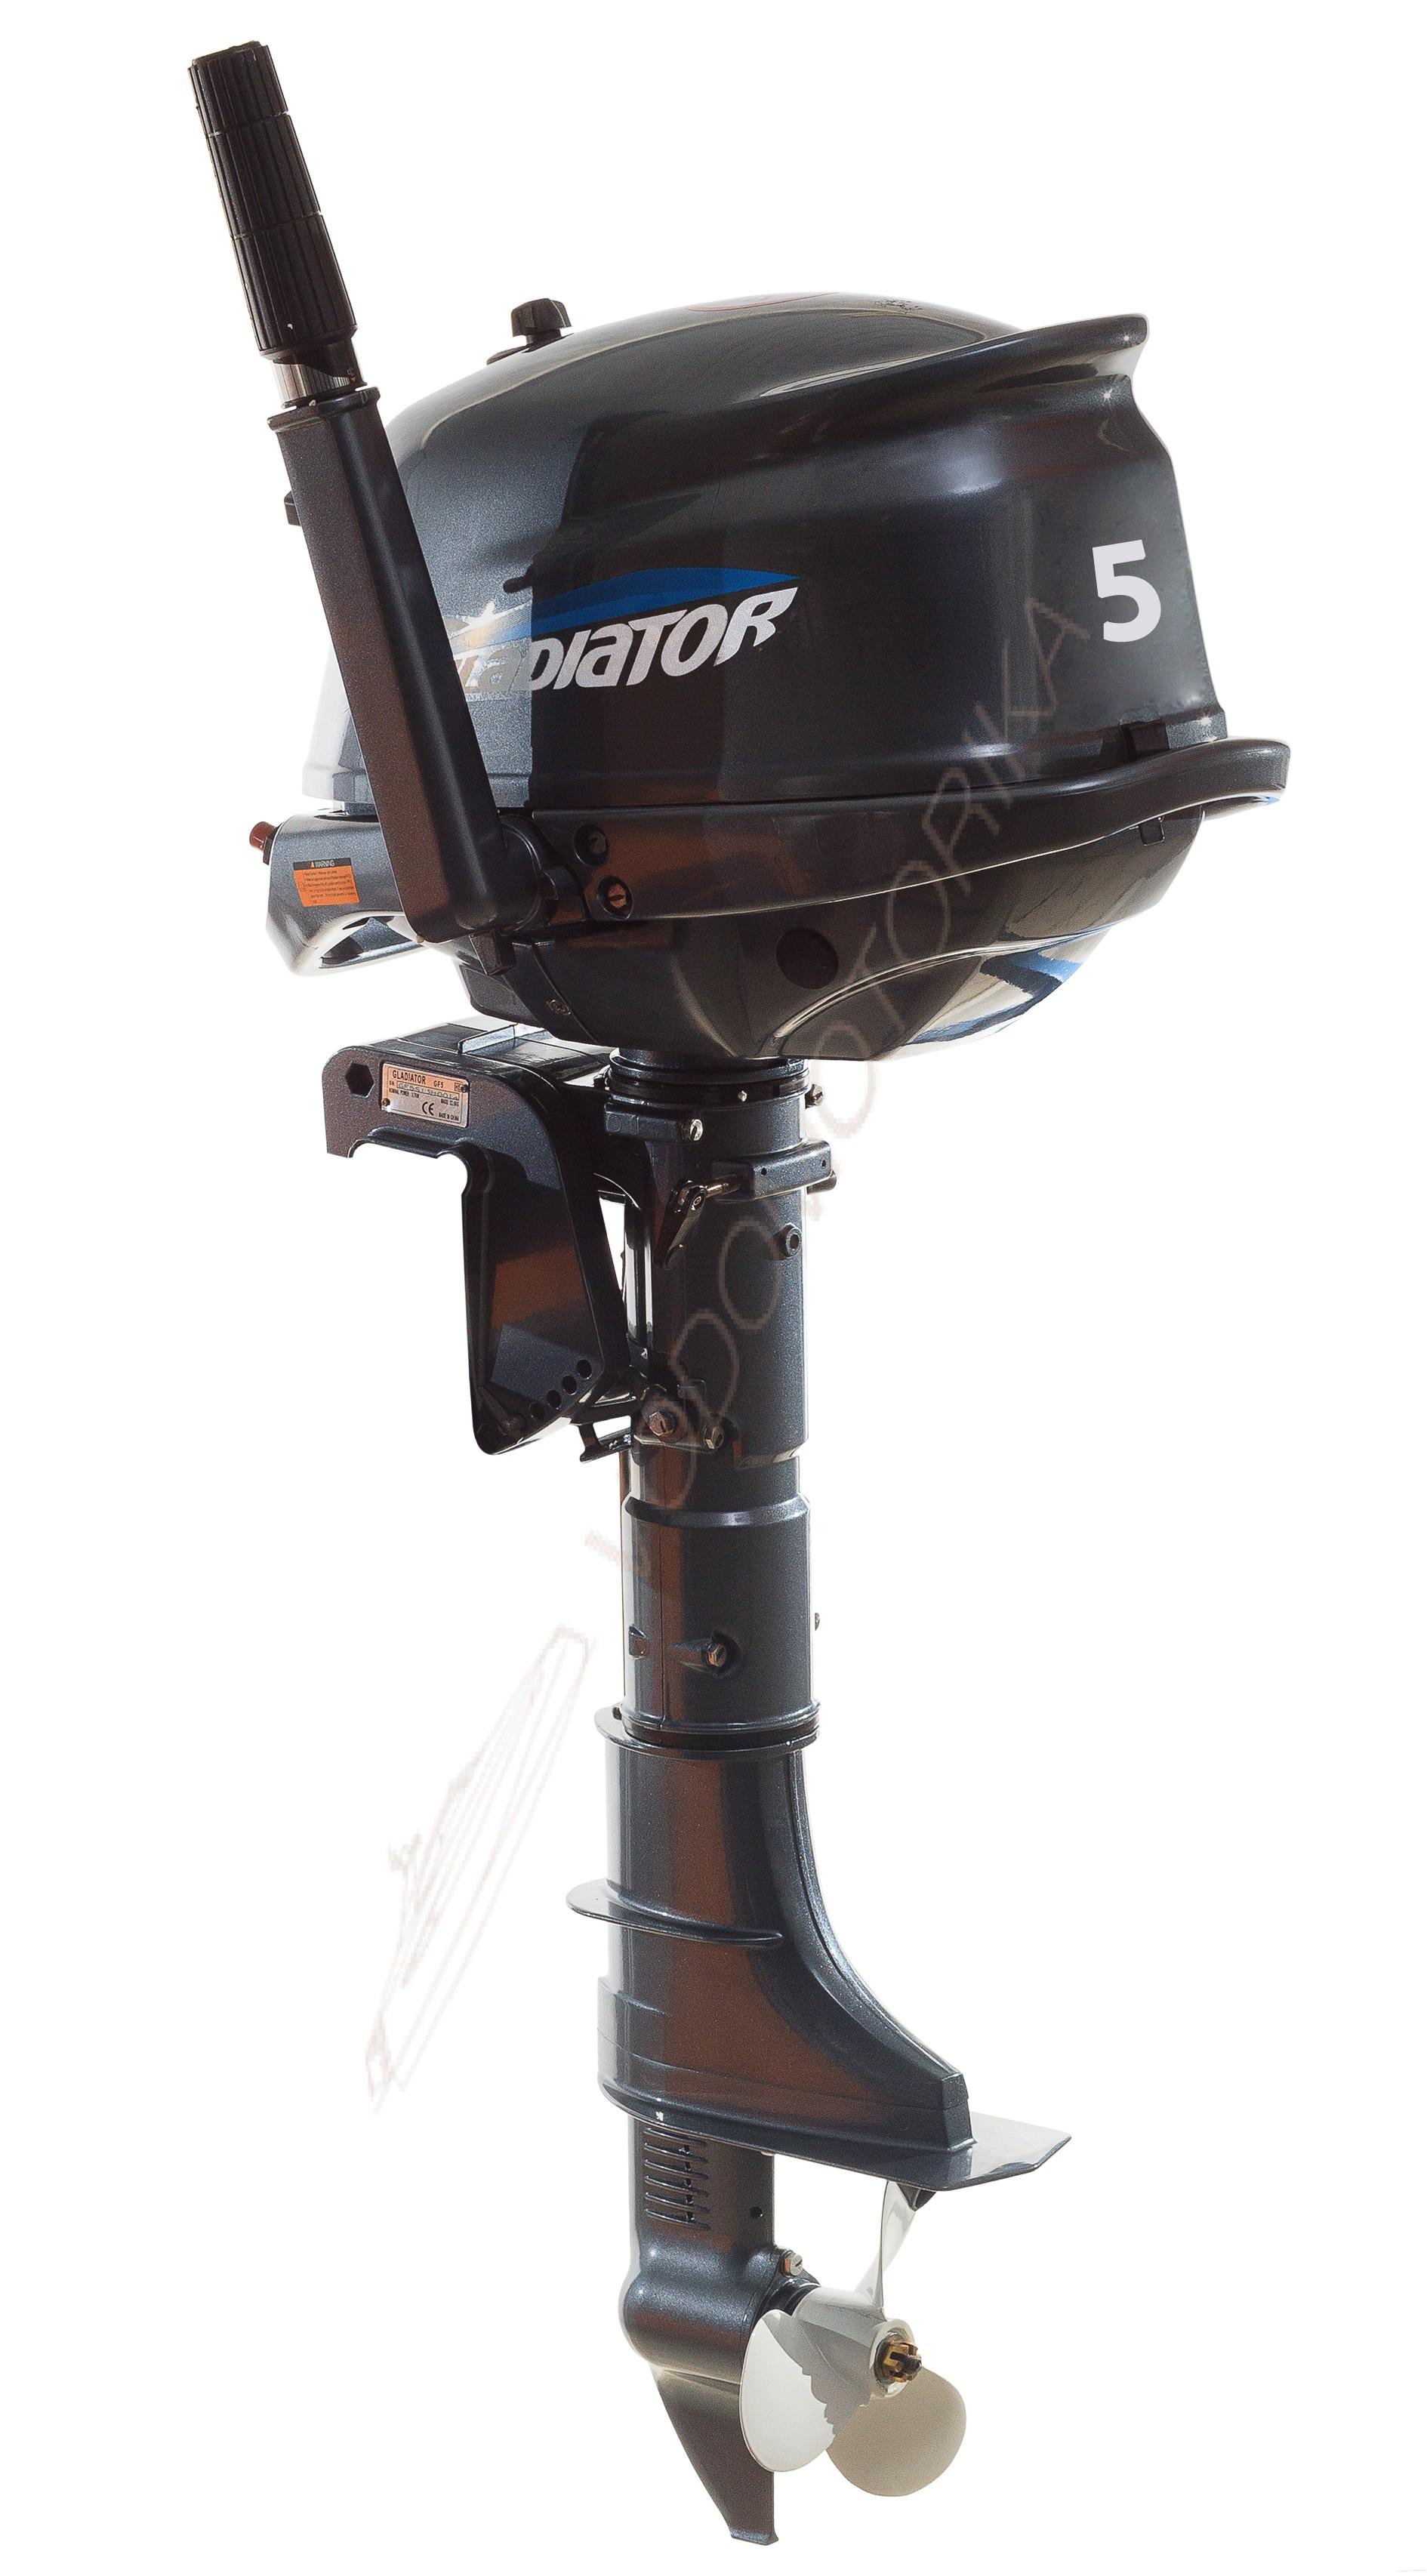 лодочные моторы гладиатор цены в москве